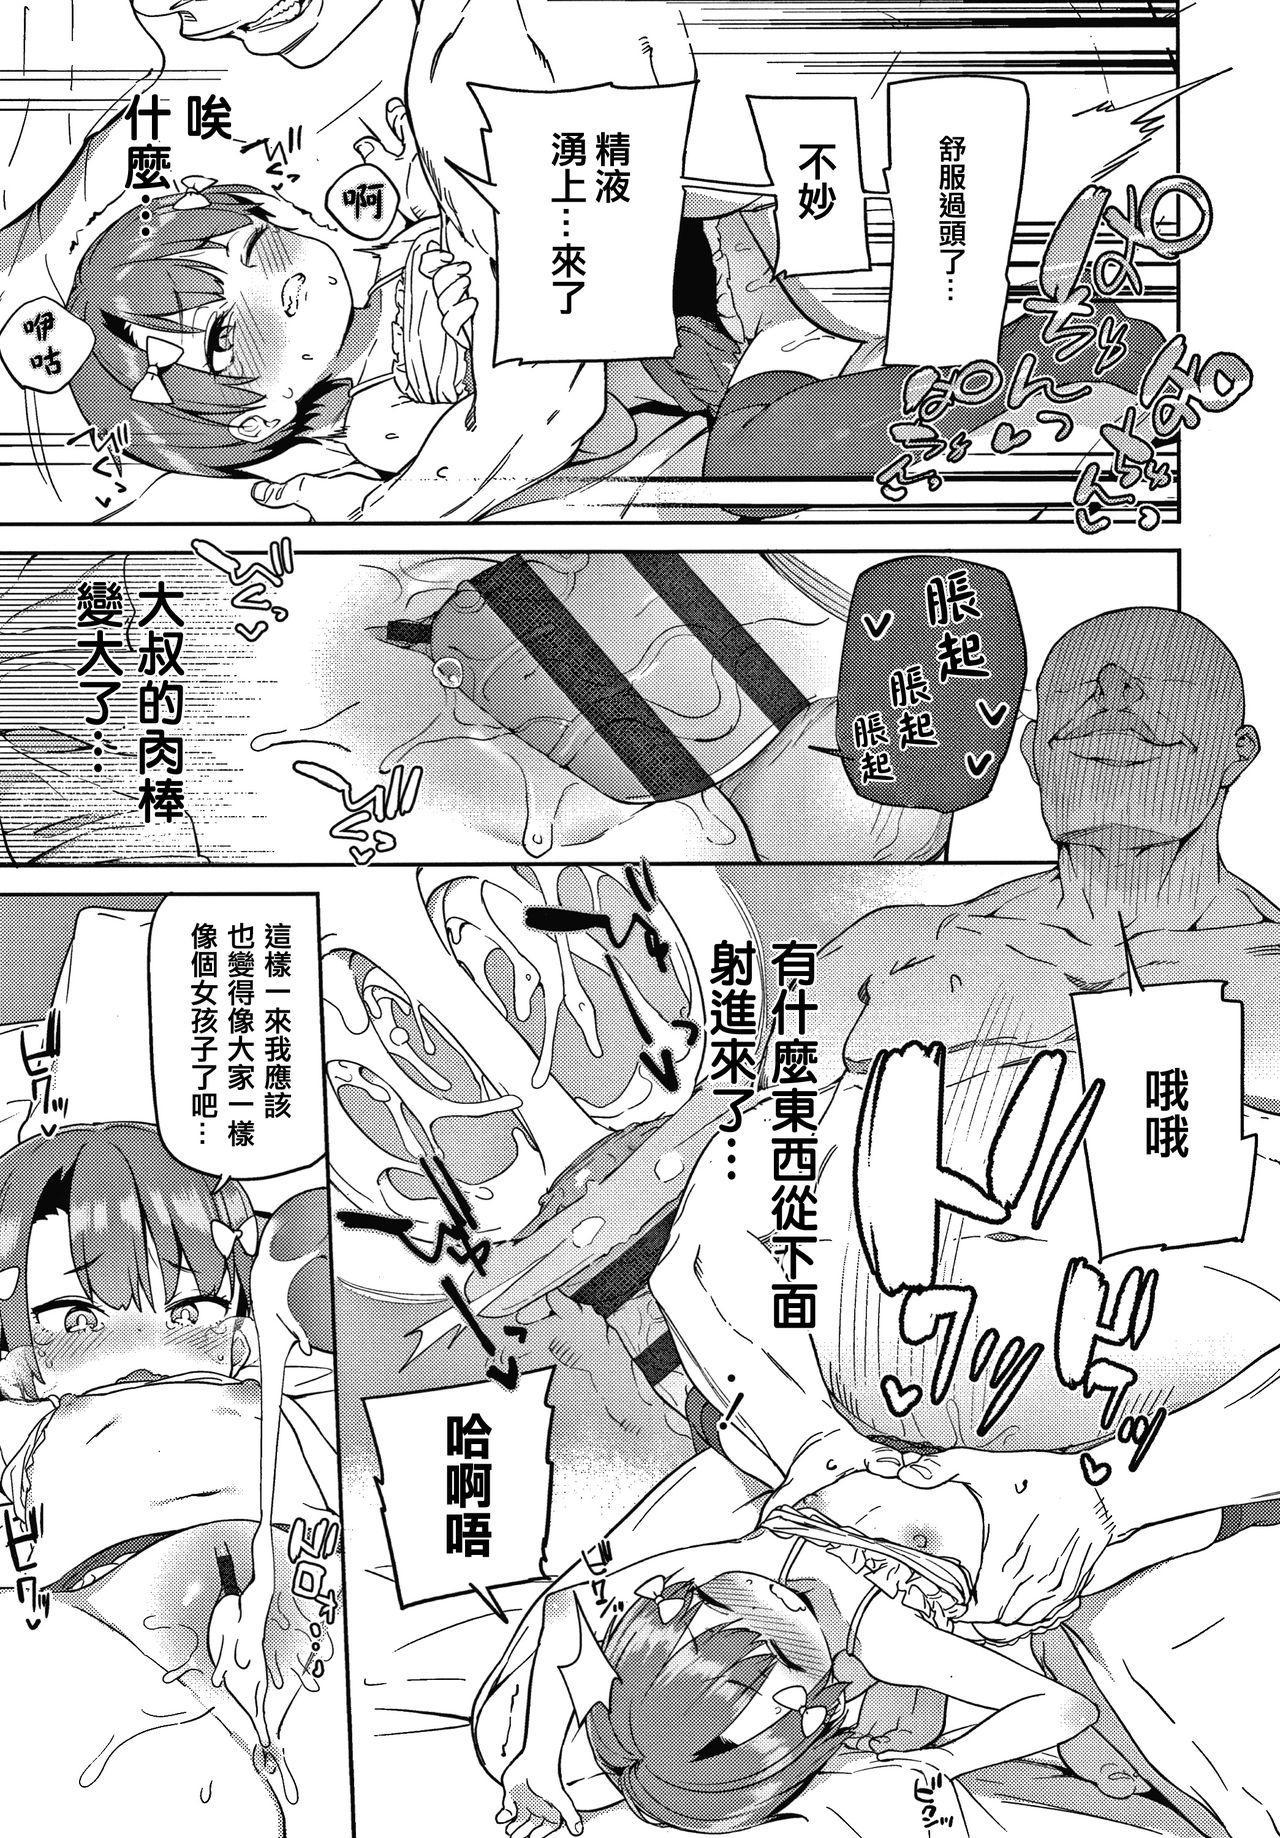 Tsugou ga Yokute Kawaii Mesu. 50